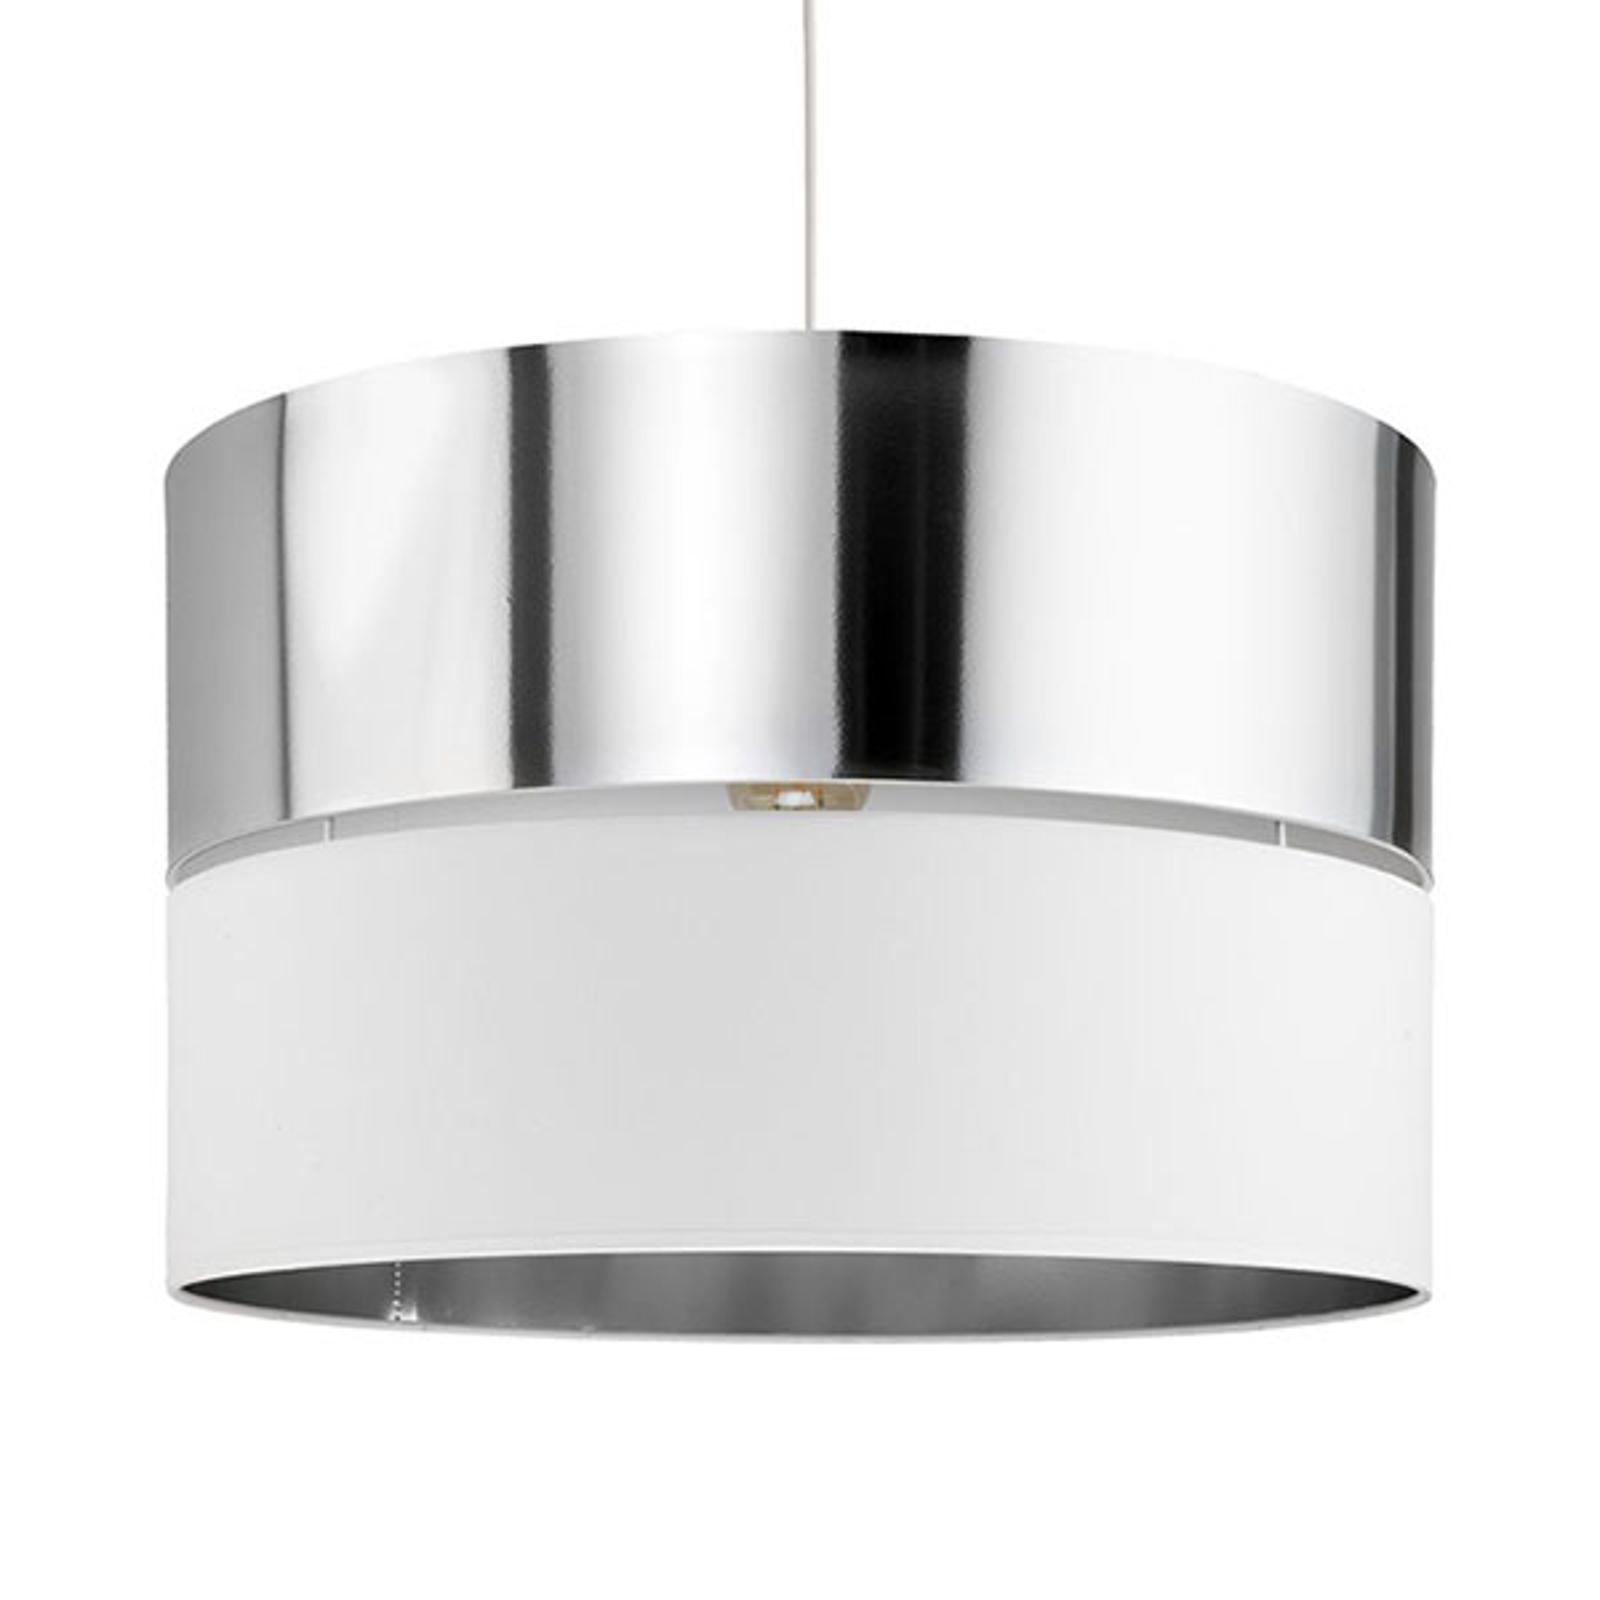 Hilton hengelampe, hvit/sølv, 1 lyskilde